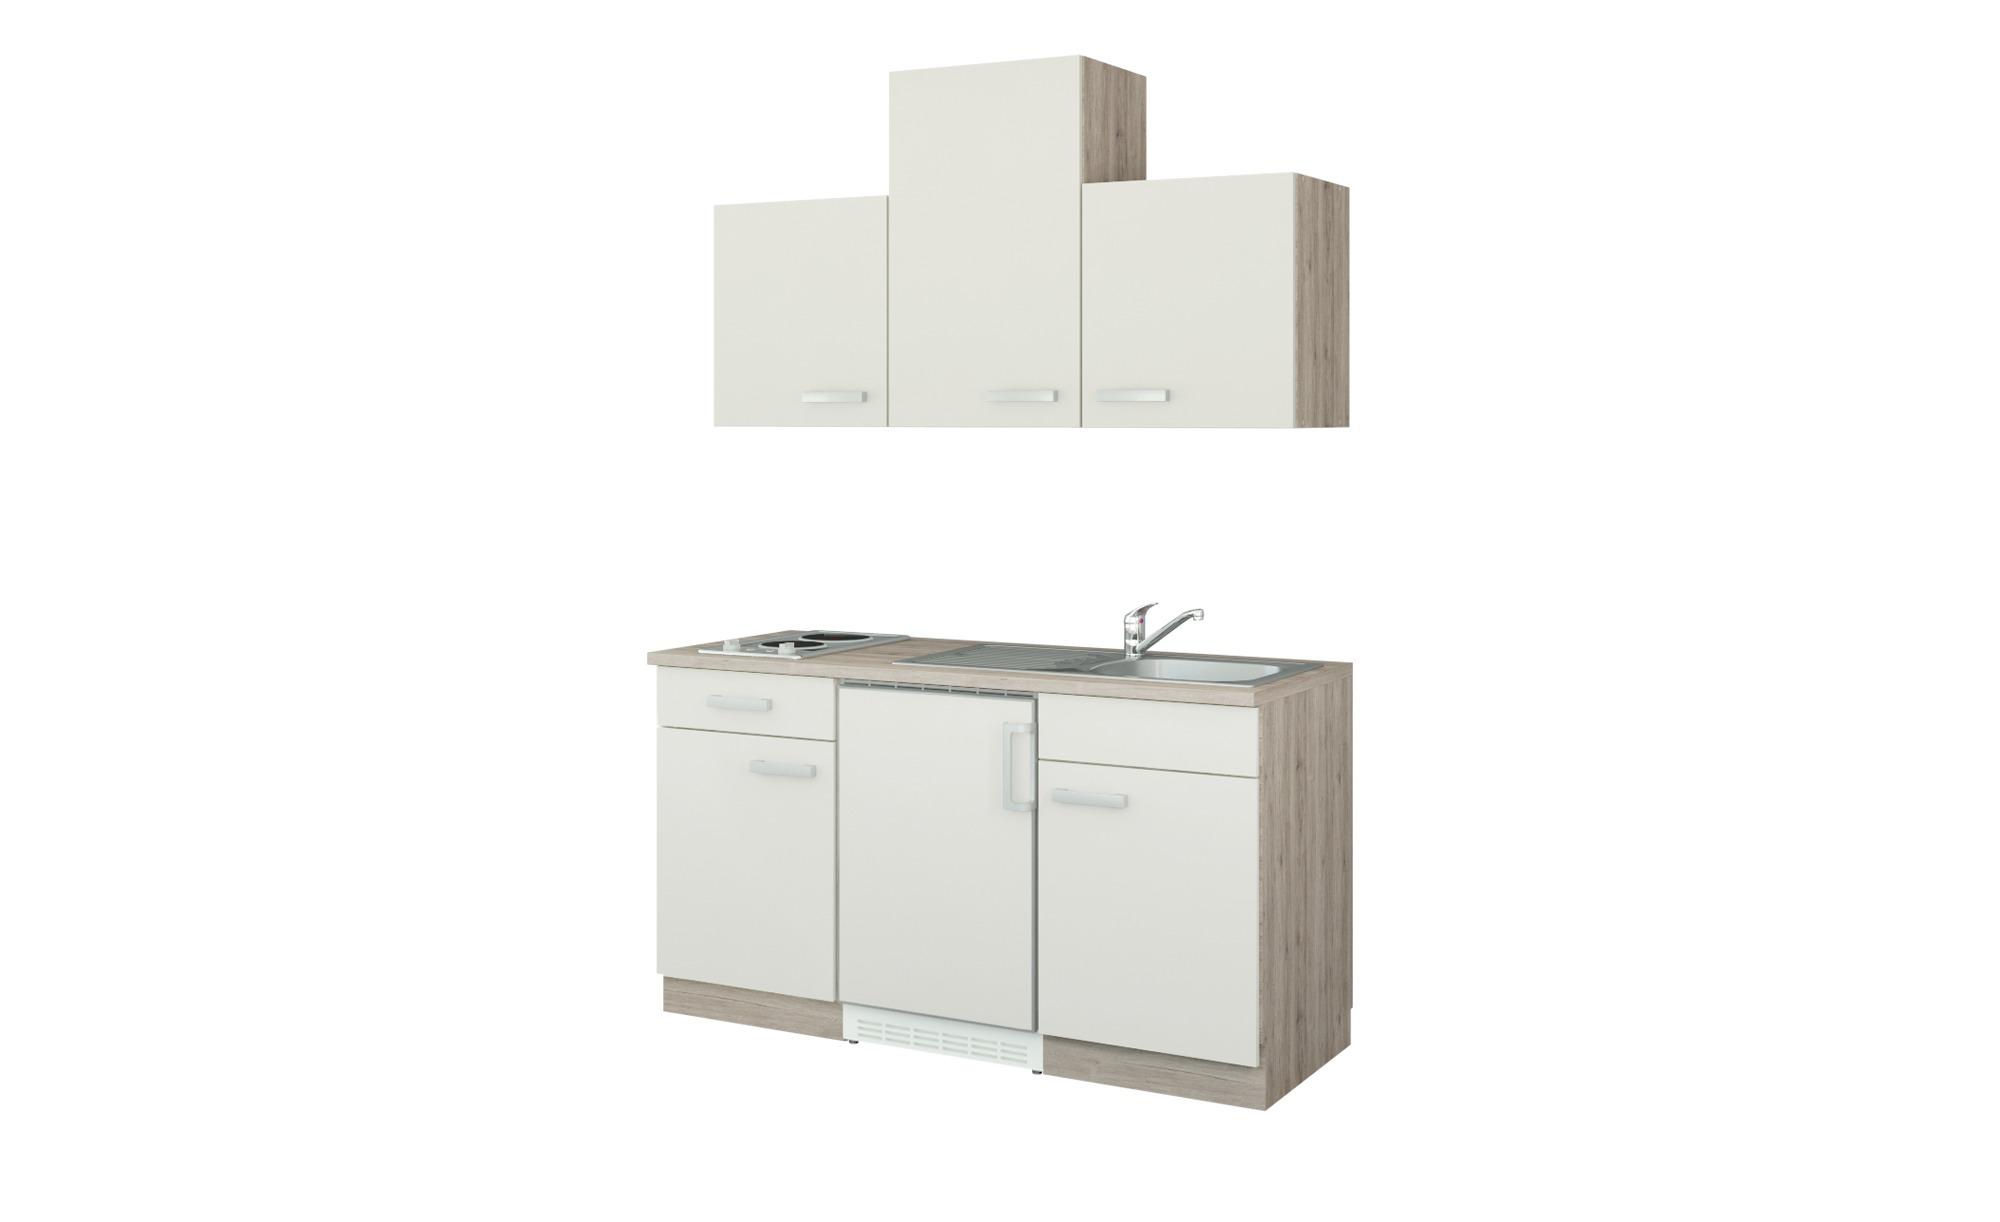 uno Küchenzeile mit Elektrogeräten  Jena ¦ beige ¦ Maße (cm): B: 150 Küchen > Küchenblöcke mit E-Geräten - Höffner